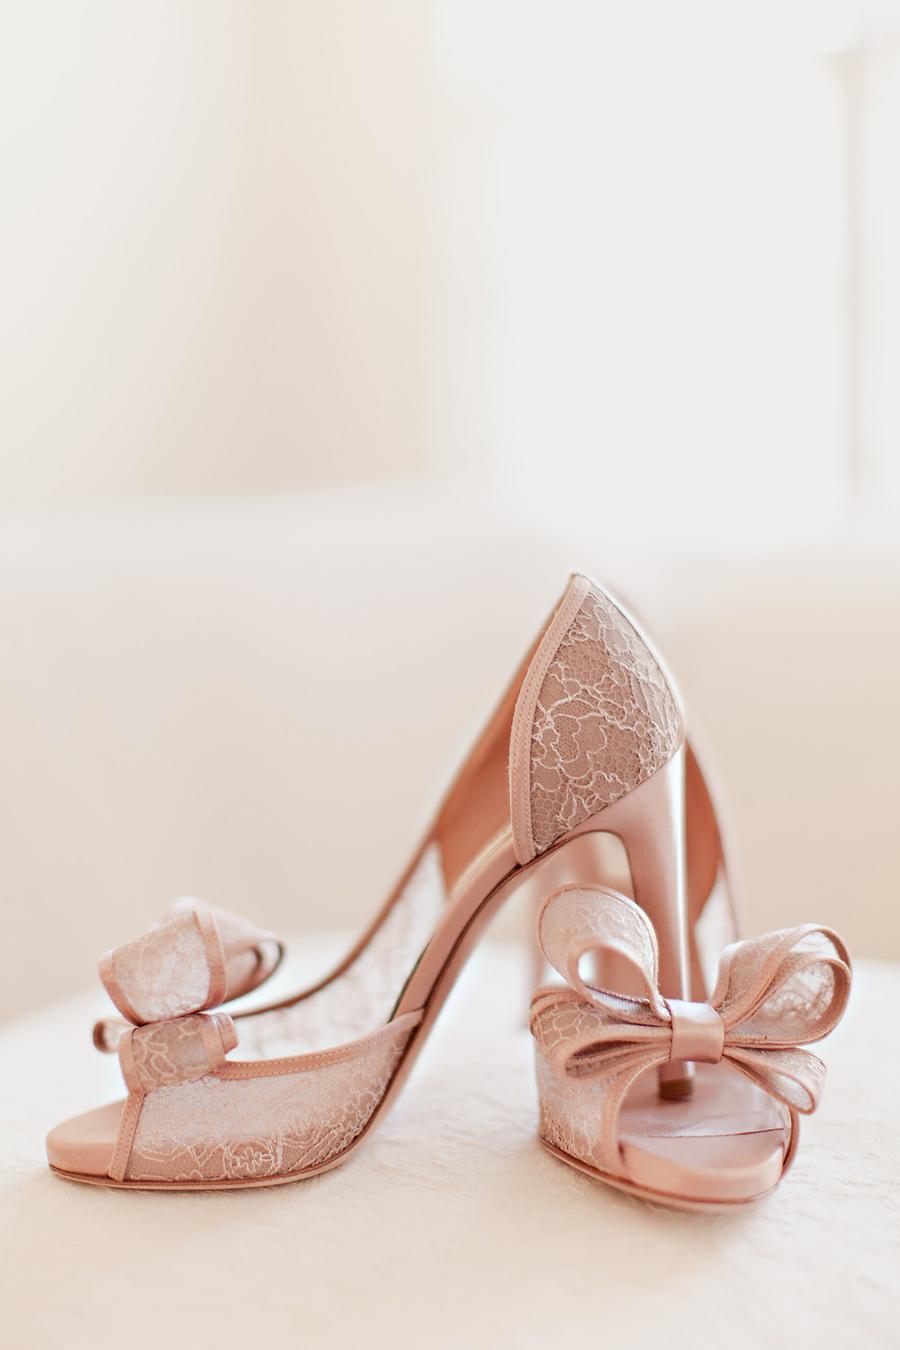 Blush Colored Lace Bridal Shoes Elizabeth Anne Designs